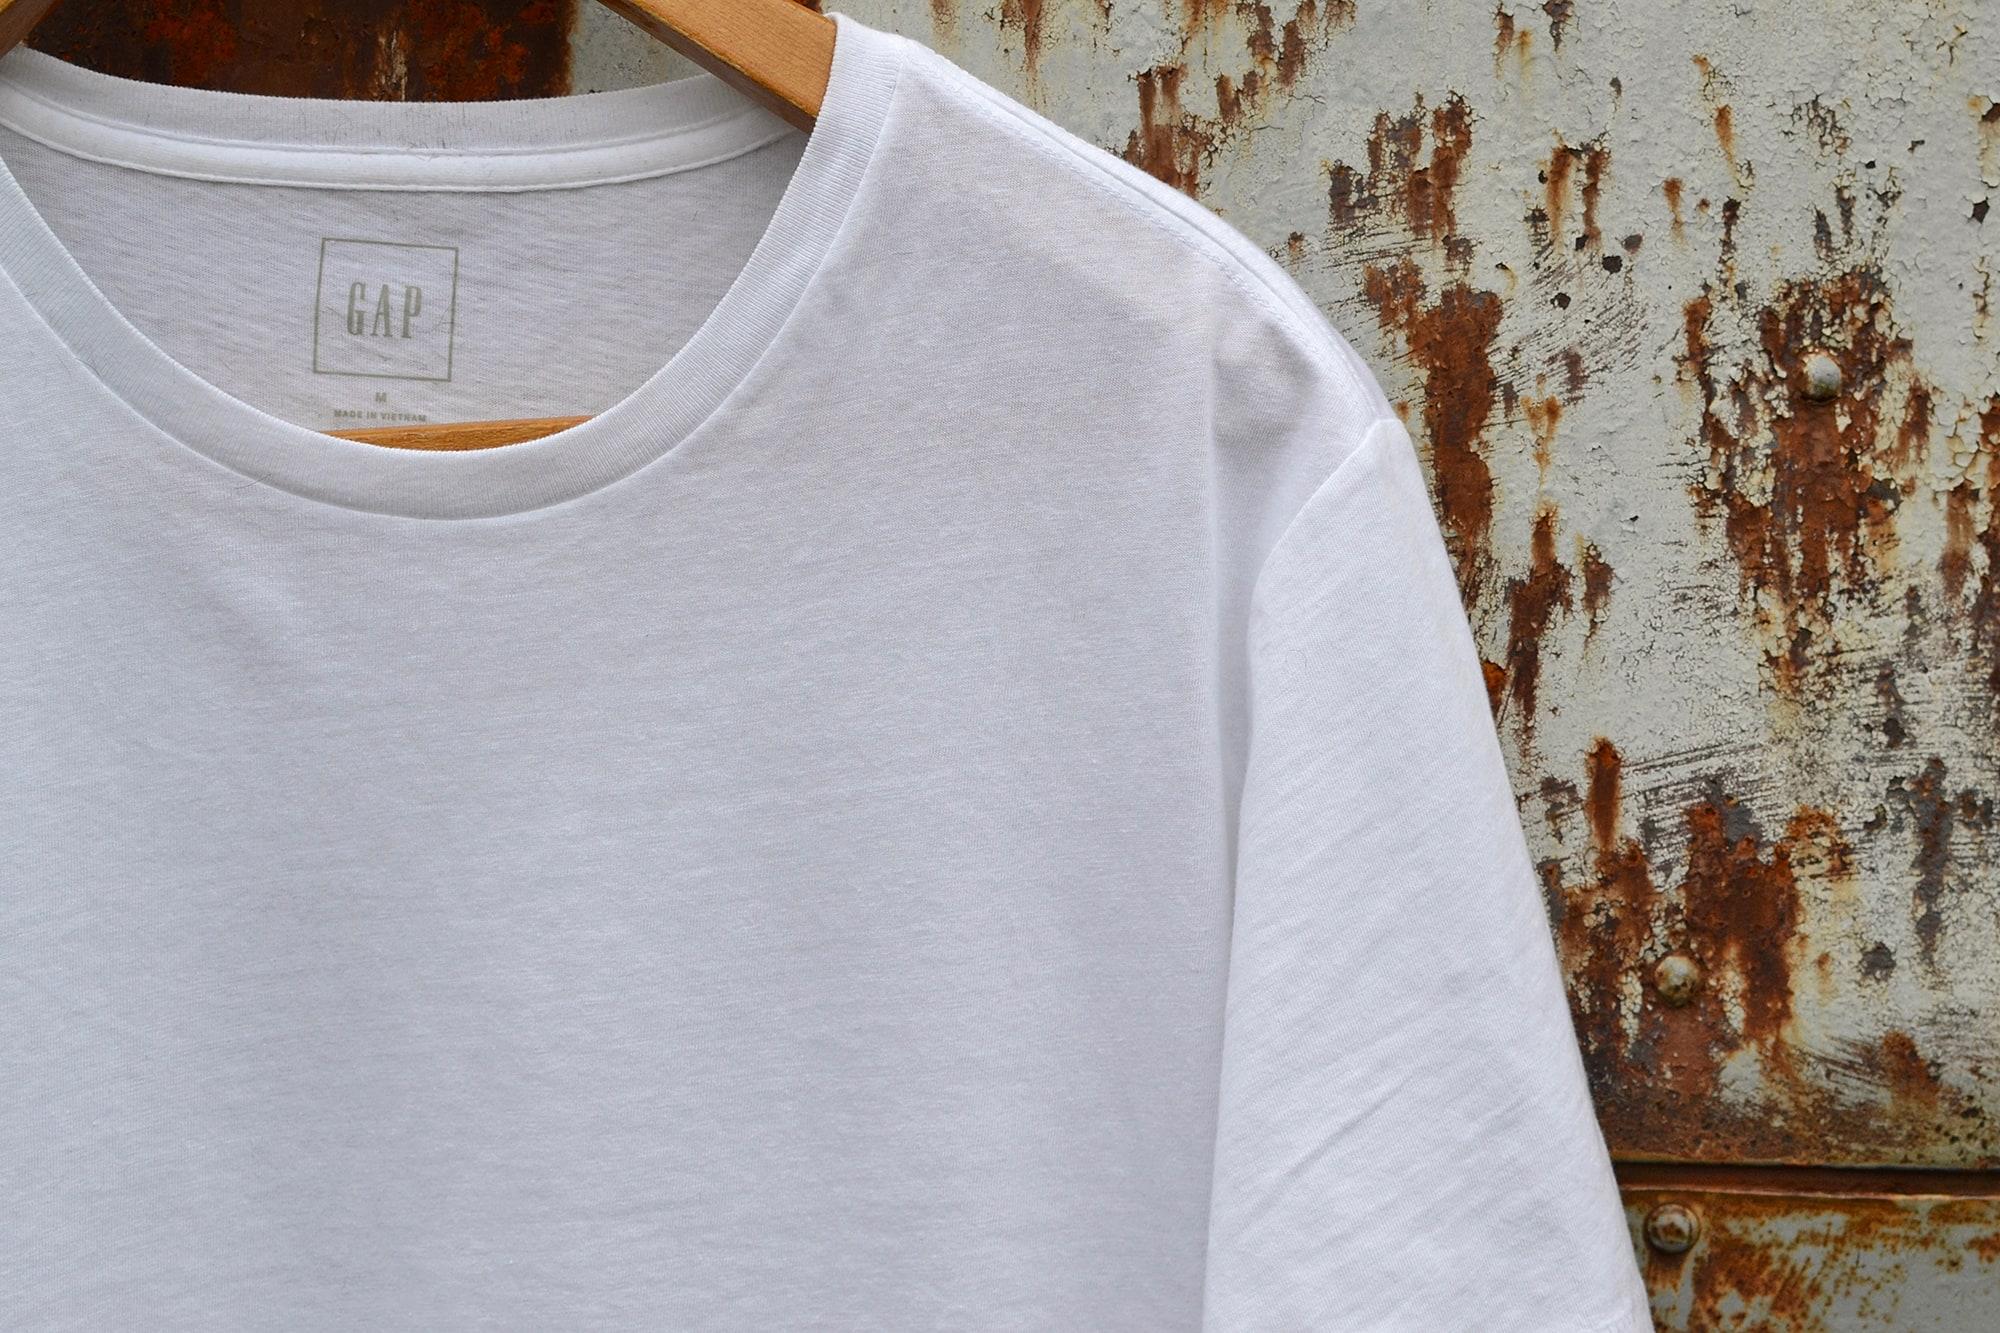 GAP un bon choix de tee shirt blanc pour un homme